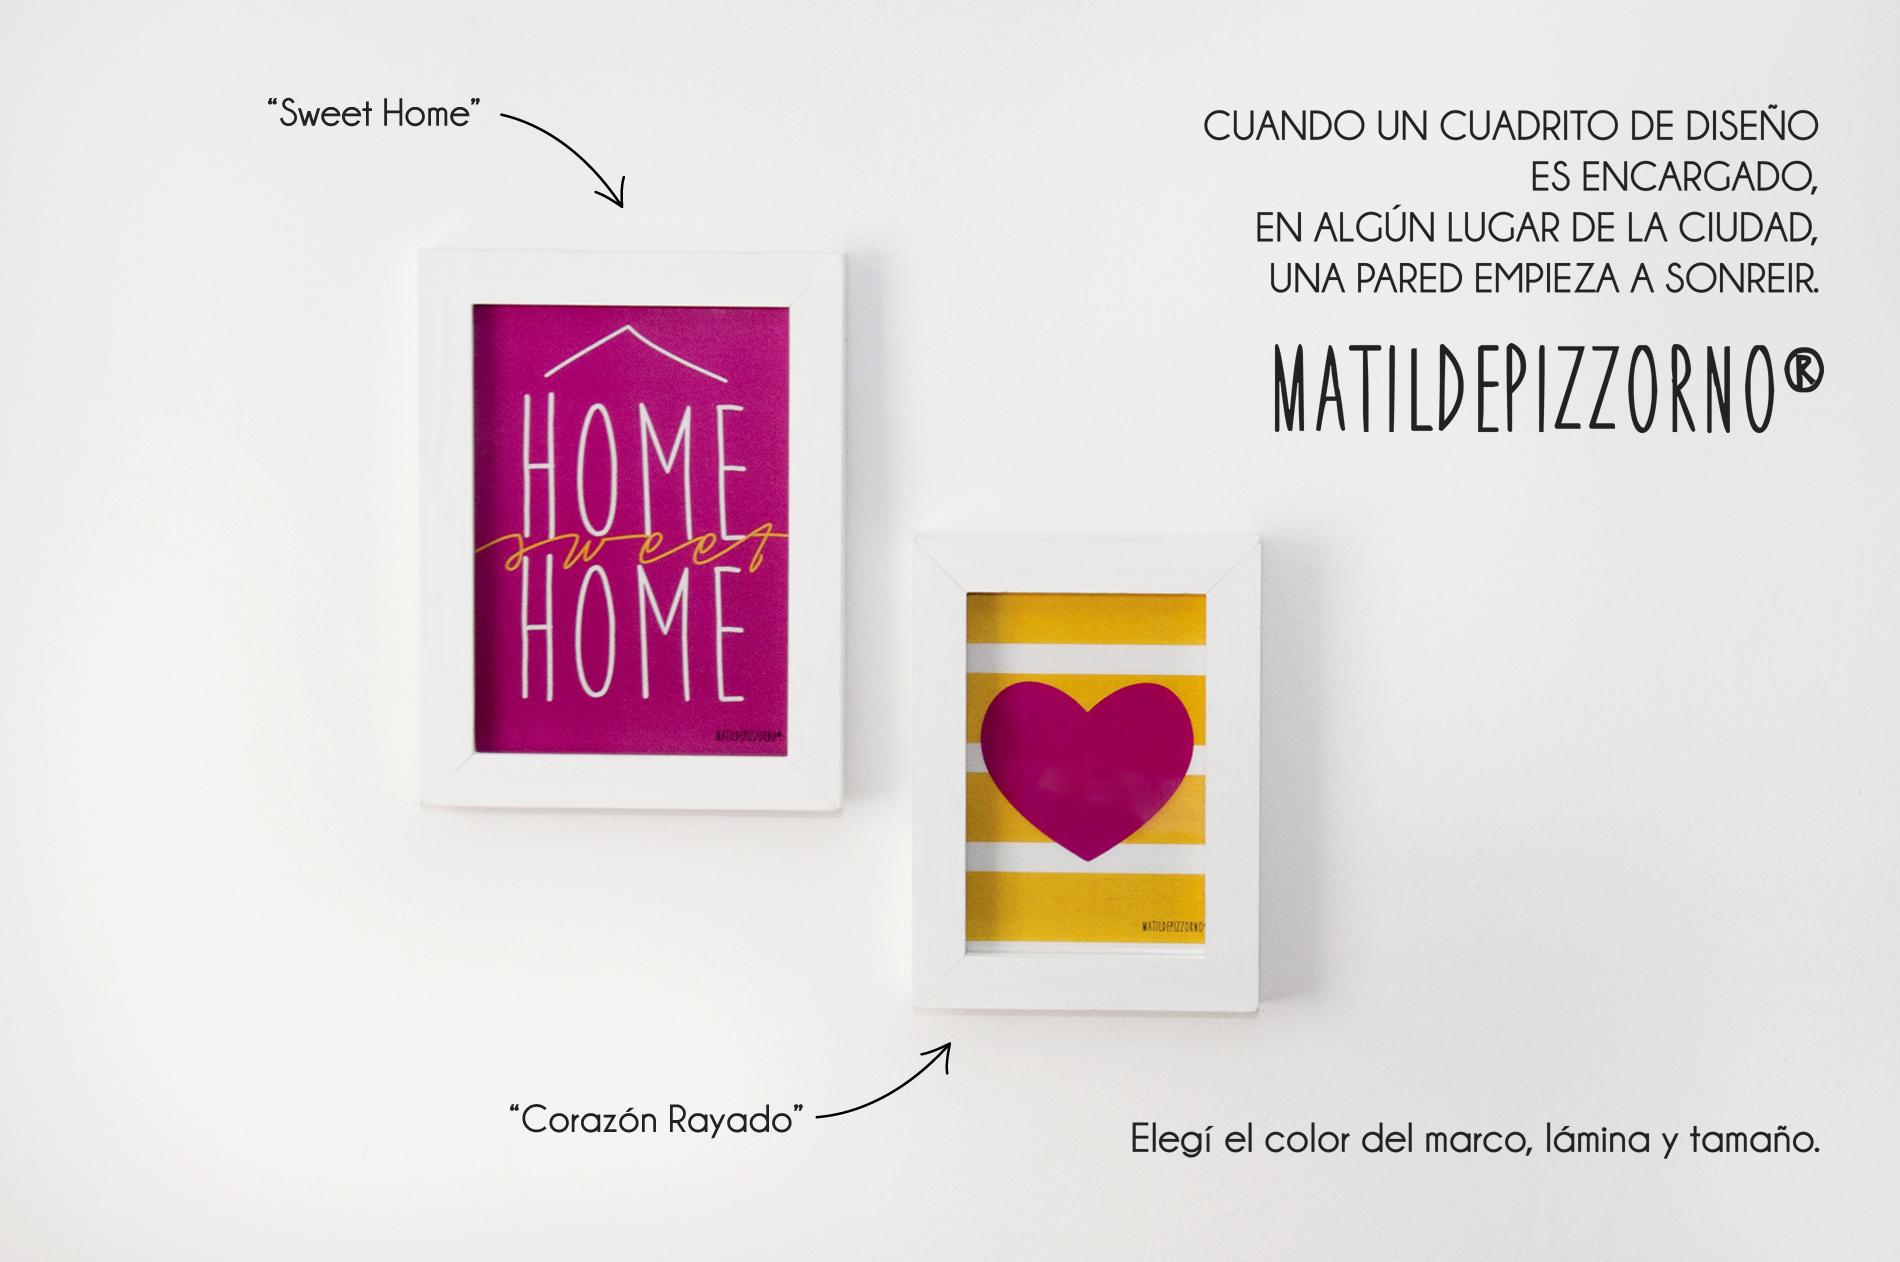 Sweet Home, Corazón Rayado